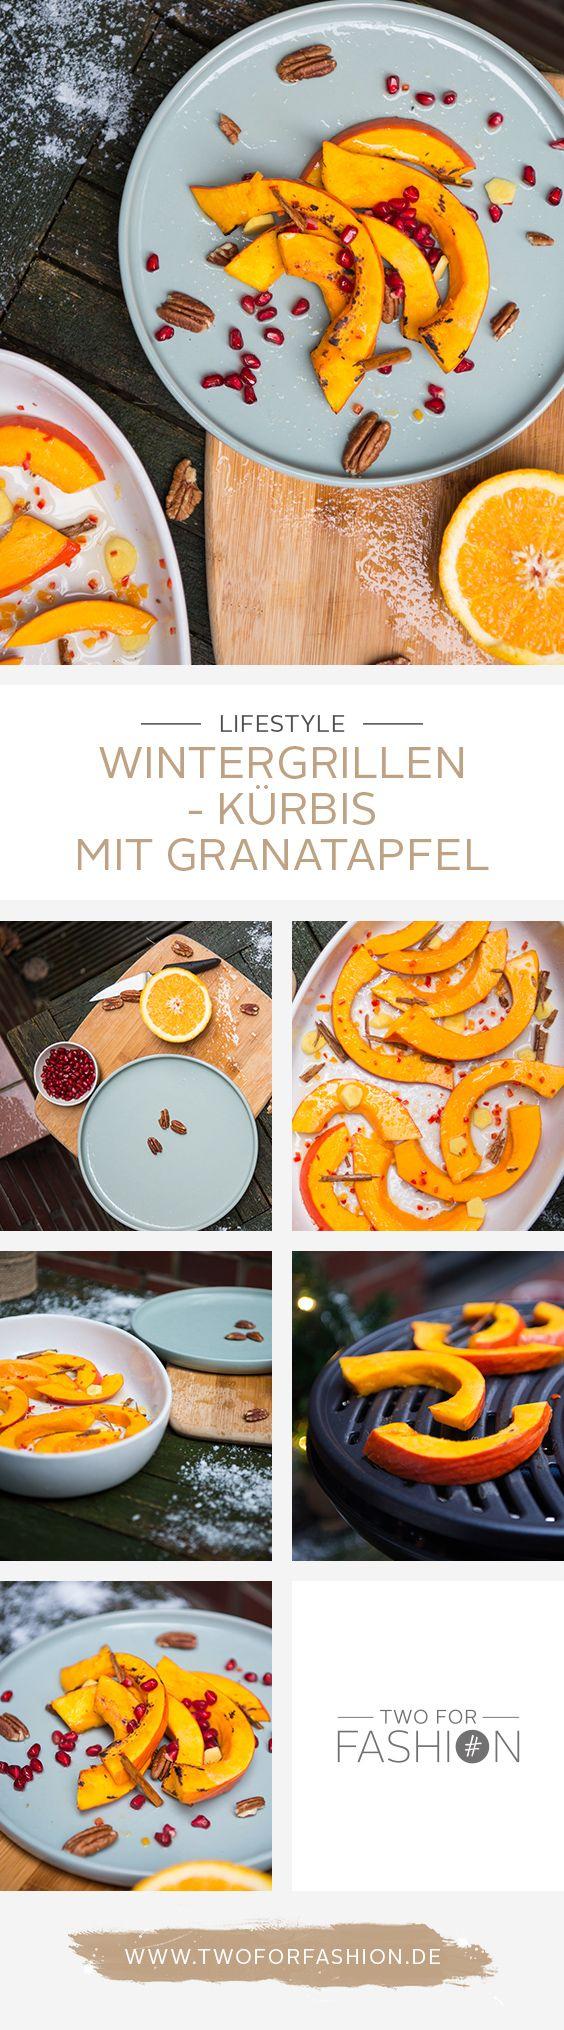 #wintergrillen #barbecue #hokkaido #granatapfel #winterrezepte #grillen #grillrezepte #Rezepte  Die Grillsaison zieht sich bei uns durchs ganze Jahr. Was gibt es schöneres als warm eingepackt am Feuer zu sitzen und kulinarische Leckereien auf dem winterlichen Grillrost zuzubereiten. Wir stellen euch einige Rezepte vor.